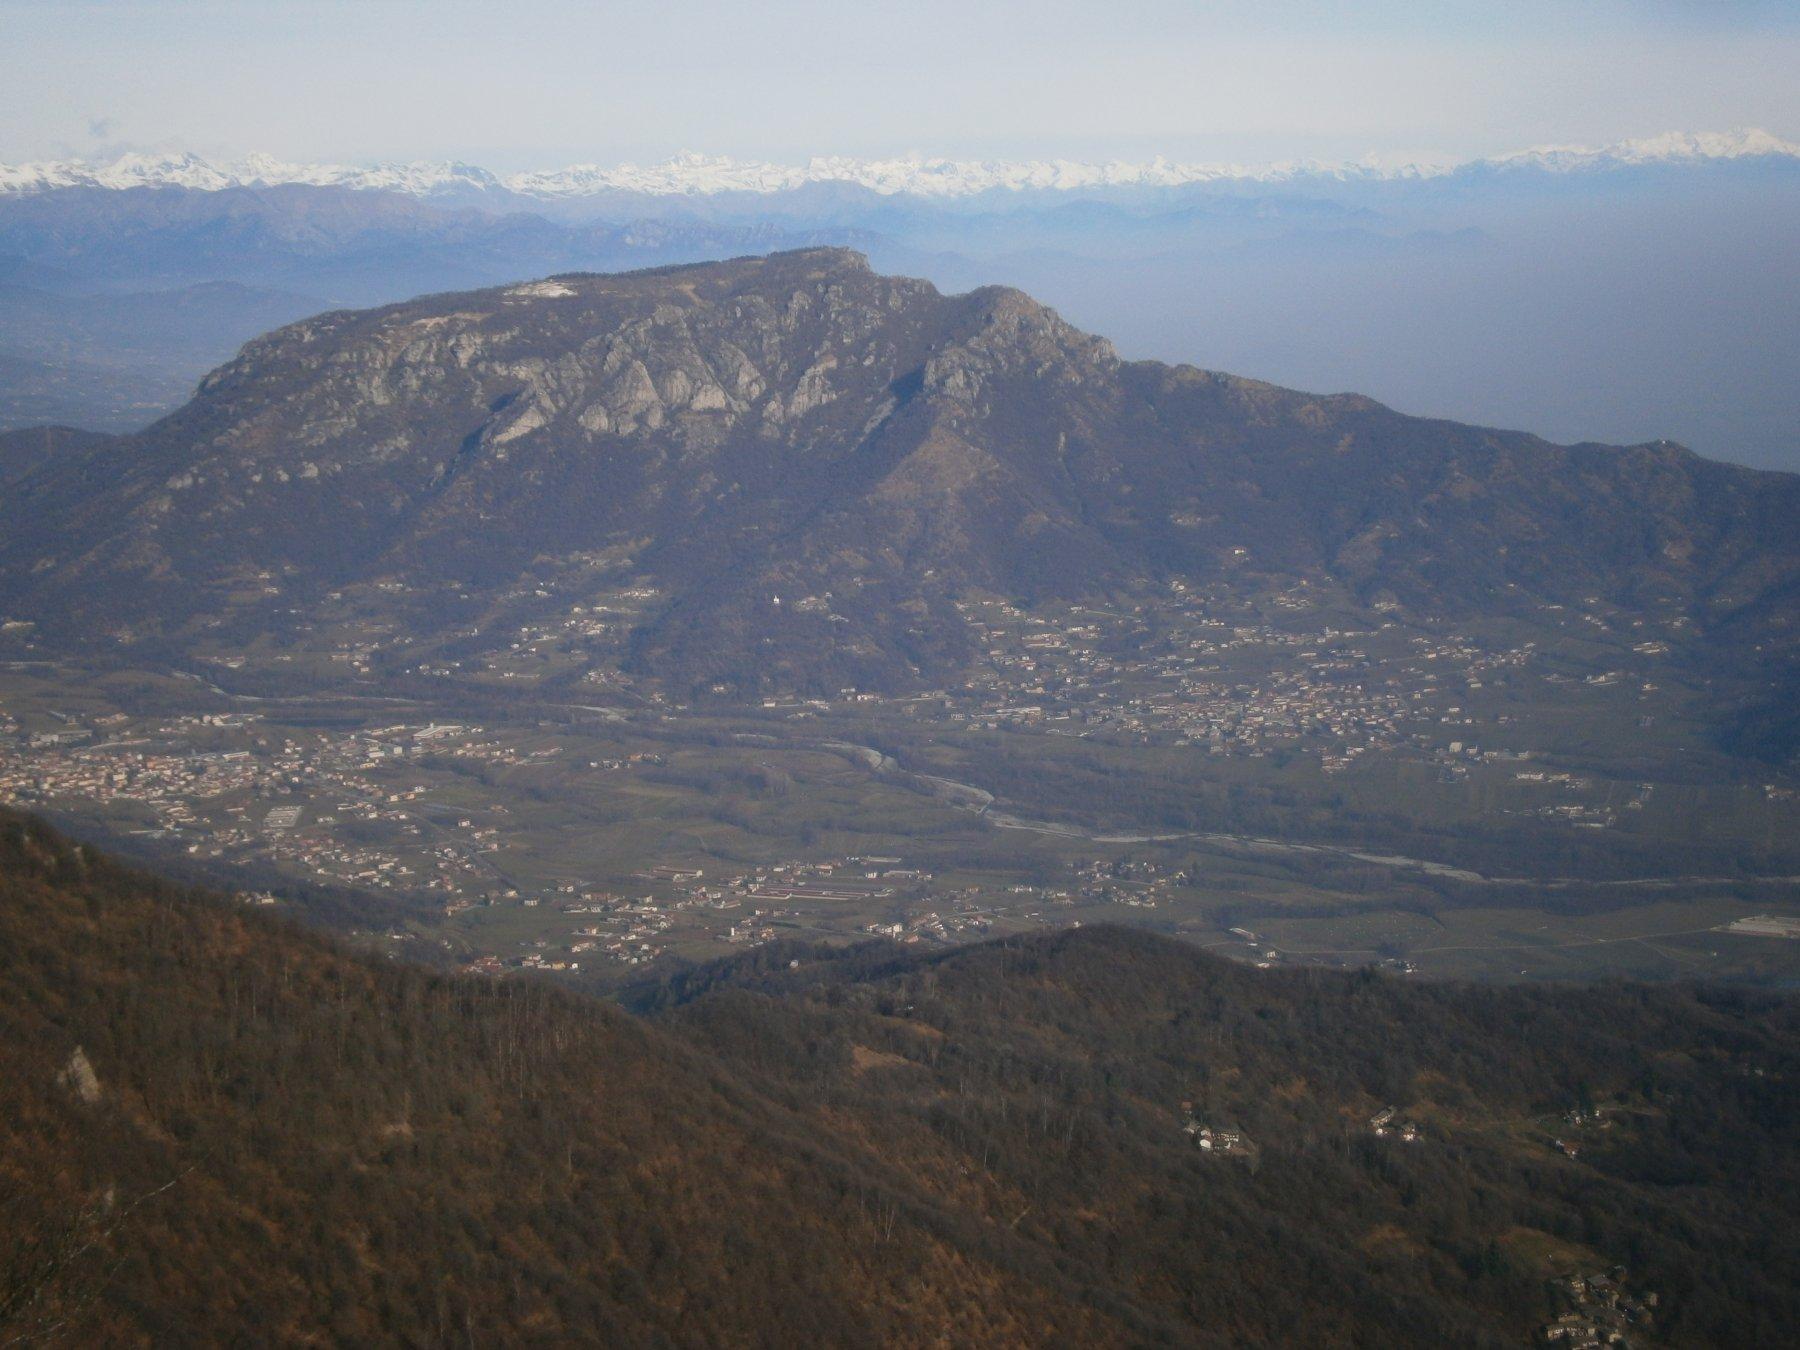 Il monte Bracco